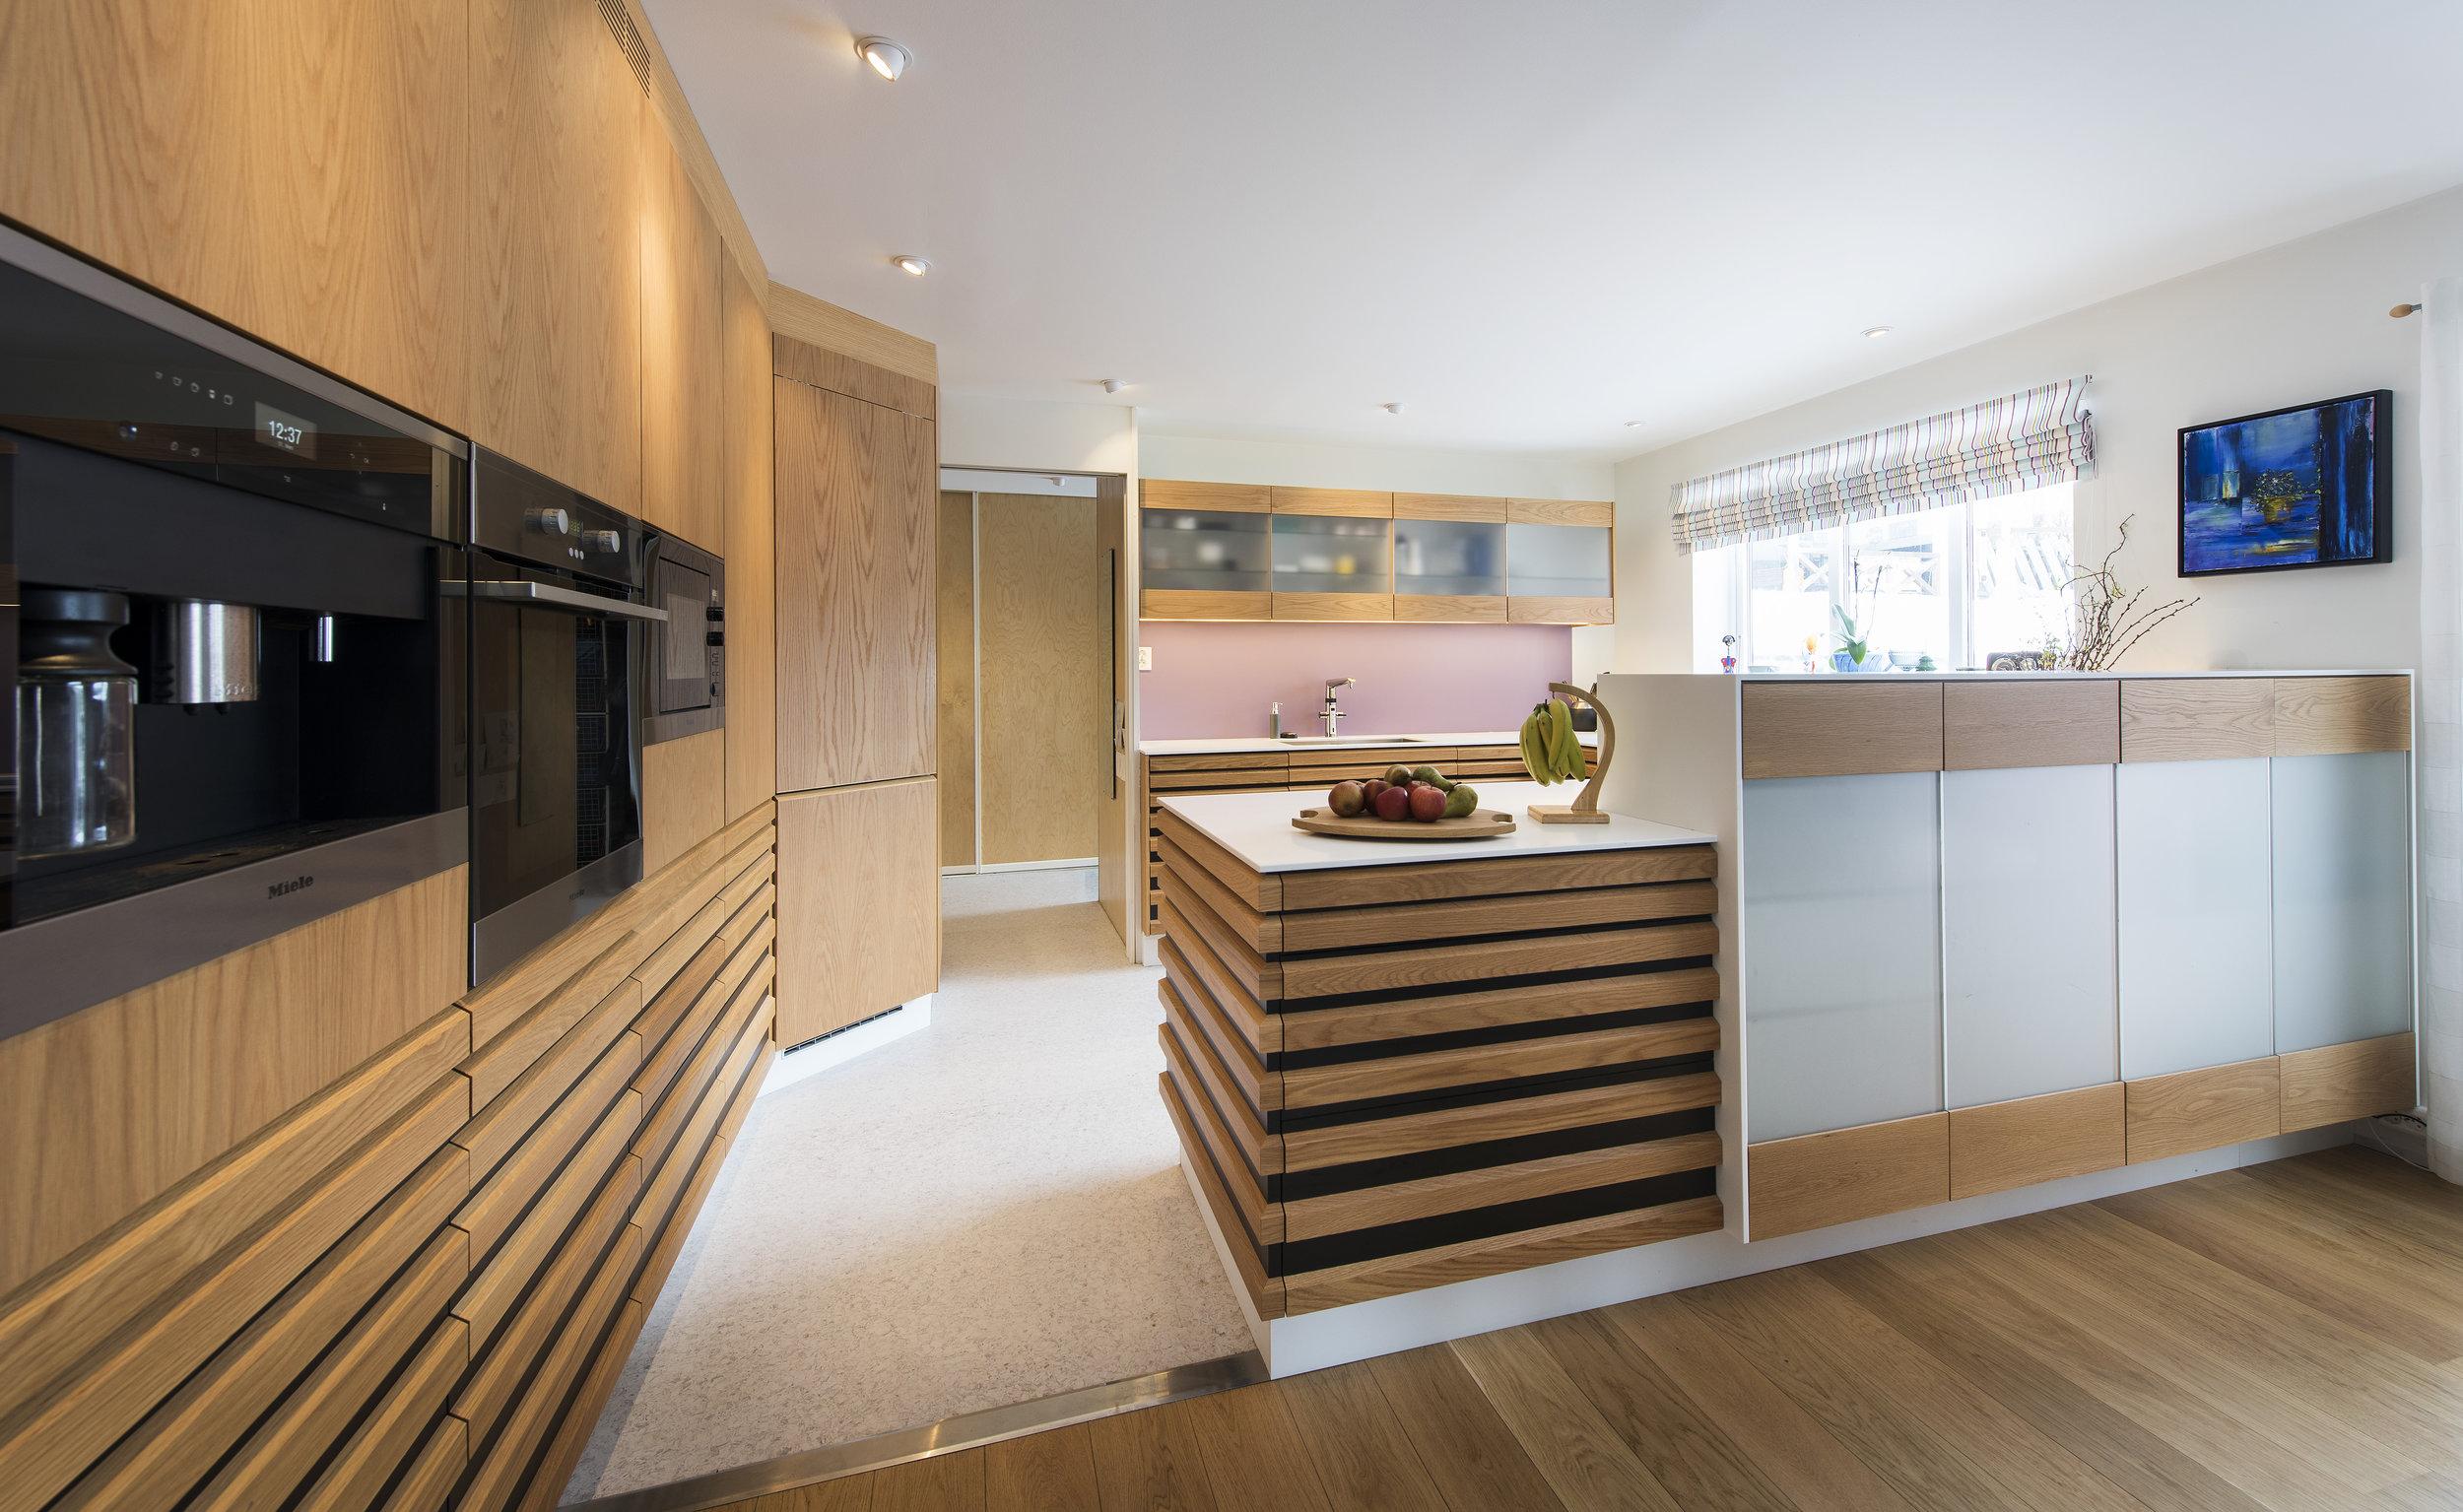 kjøkken-gradert-eikespiler-skreddersydd-tronheim-01.jpg